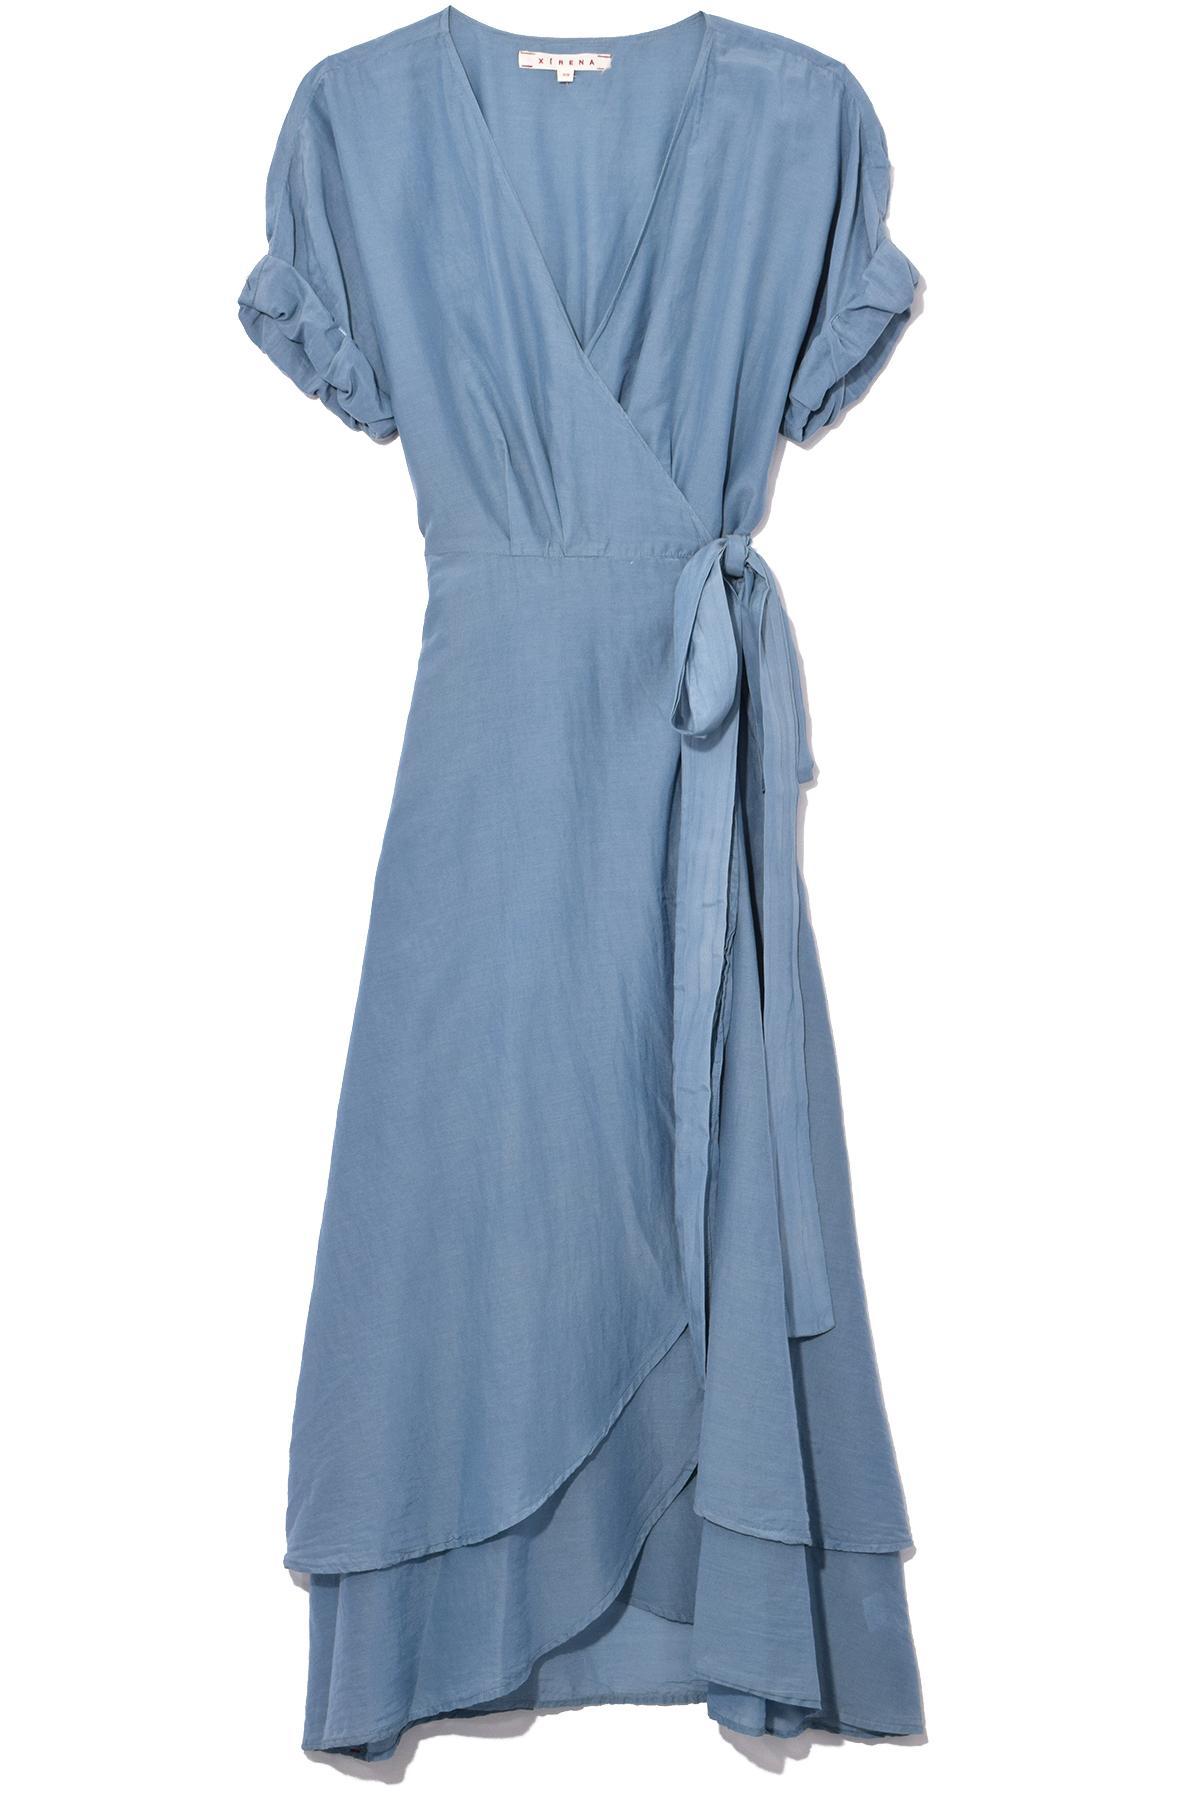 3ff93ca903c6fb Lyst - Xirena Wren Silk Cotton Dress In Blue Steel in Blue